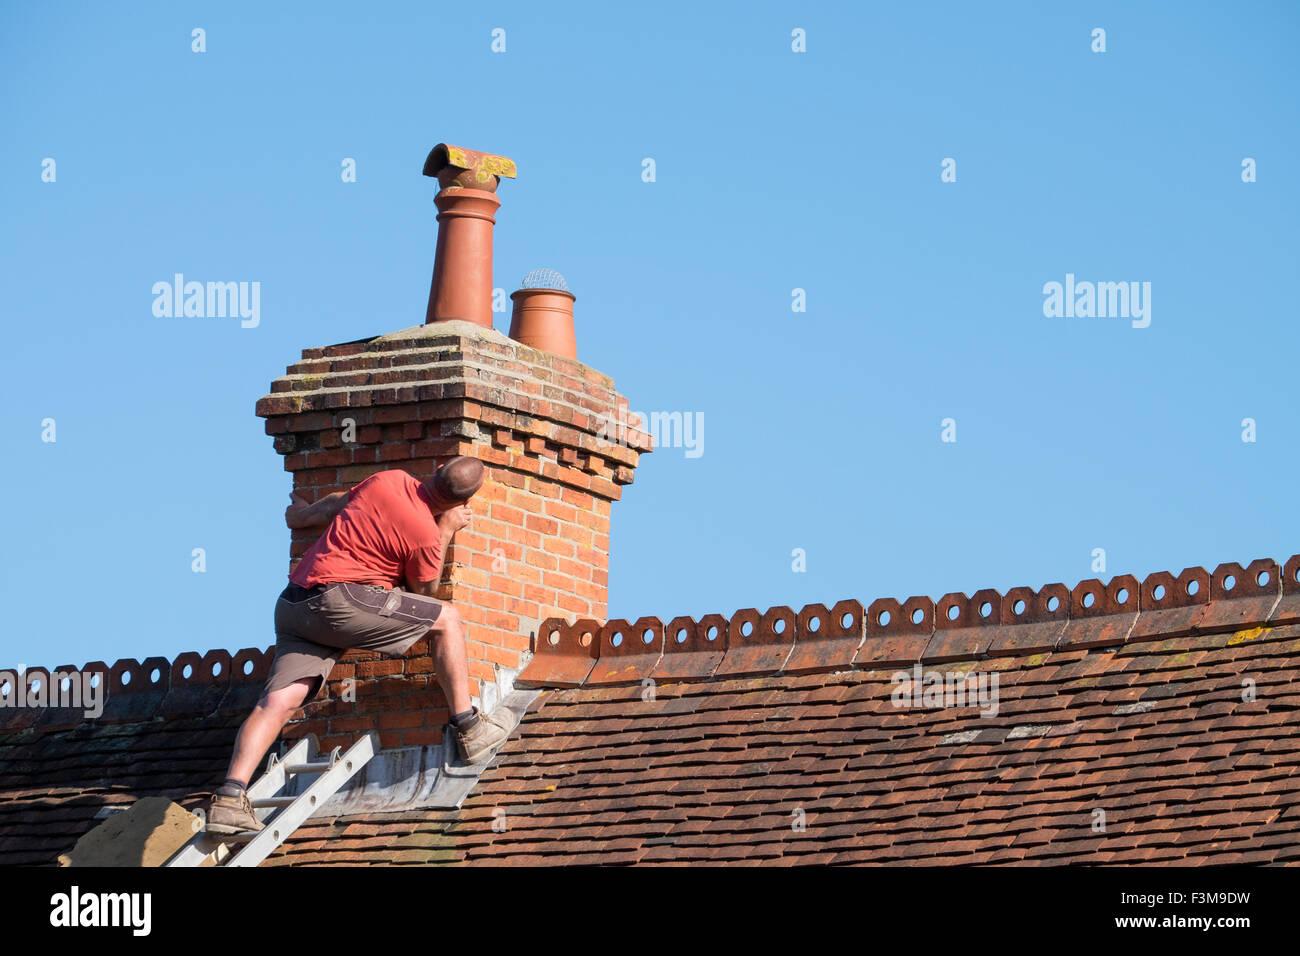 Un uomo su un tetto di ispezionare un camino per la riparazione Immagini Stock